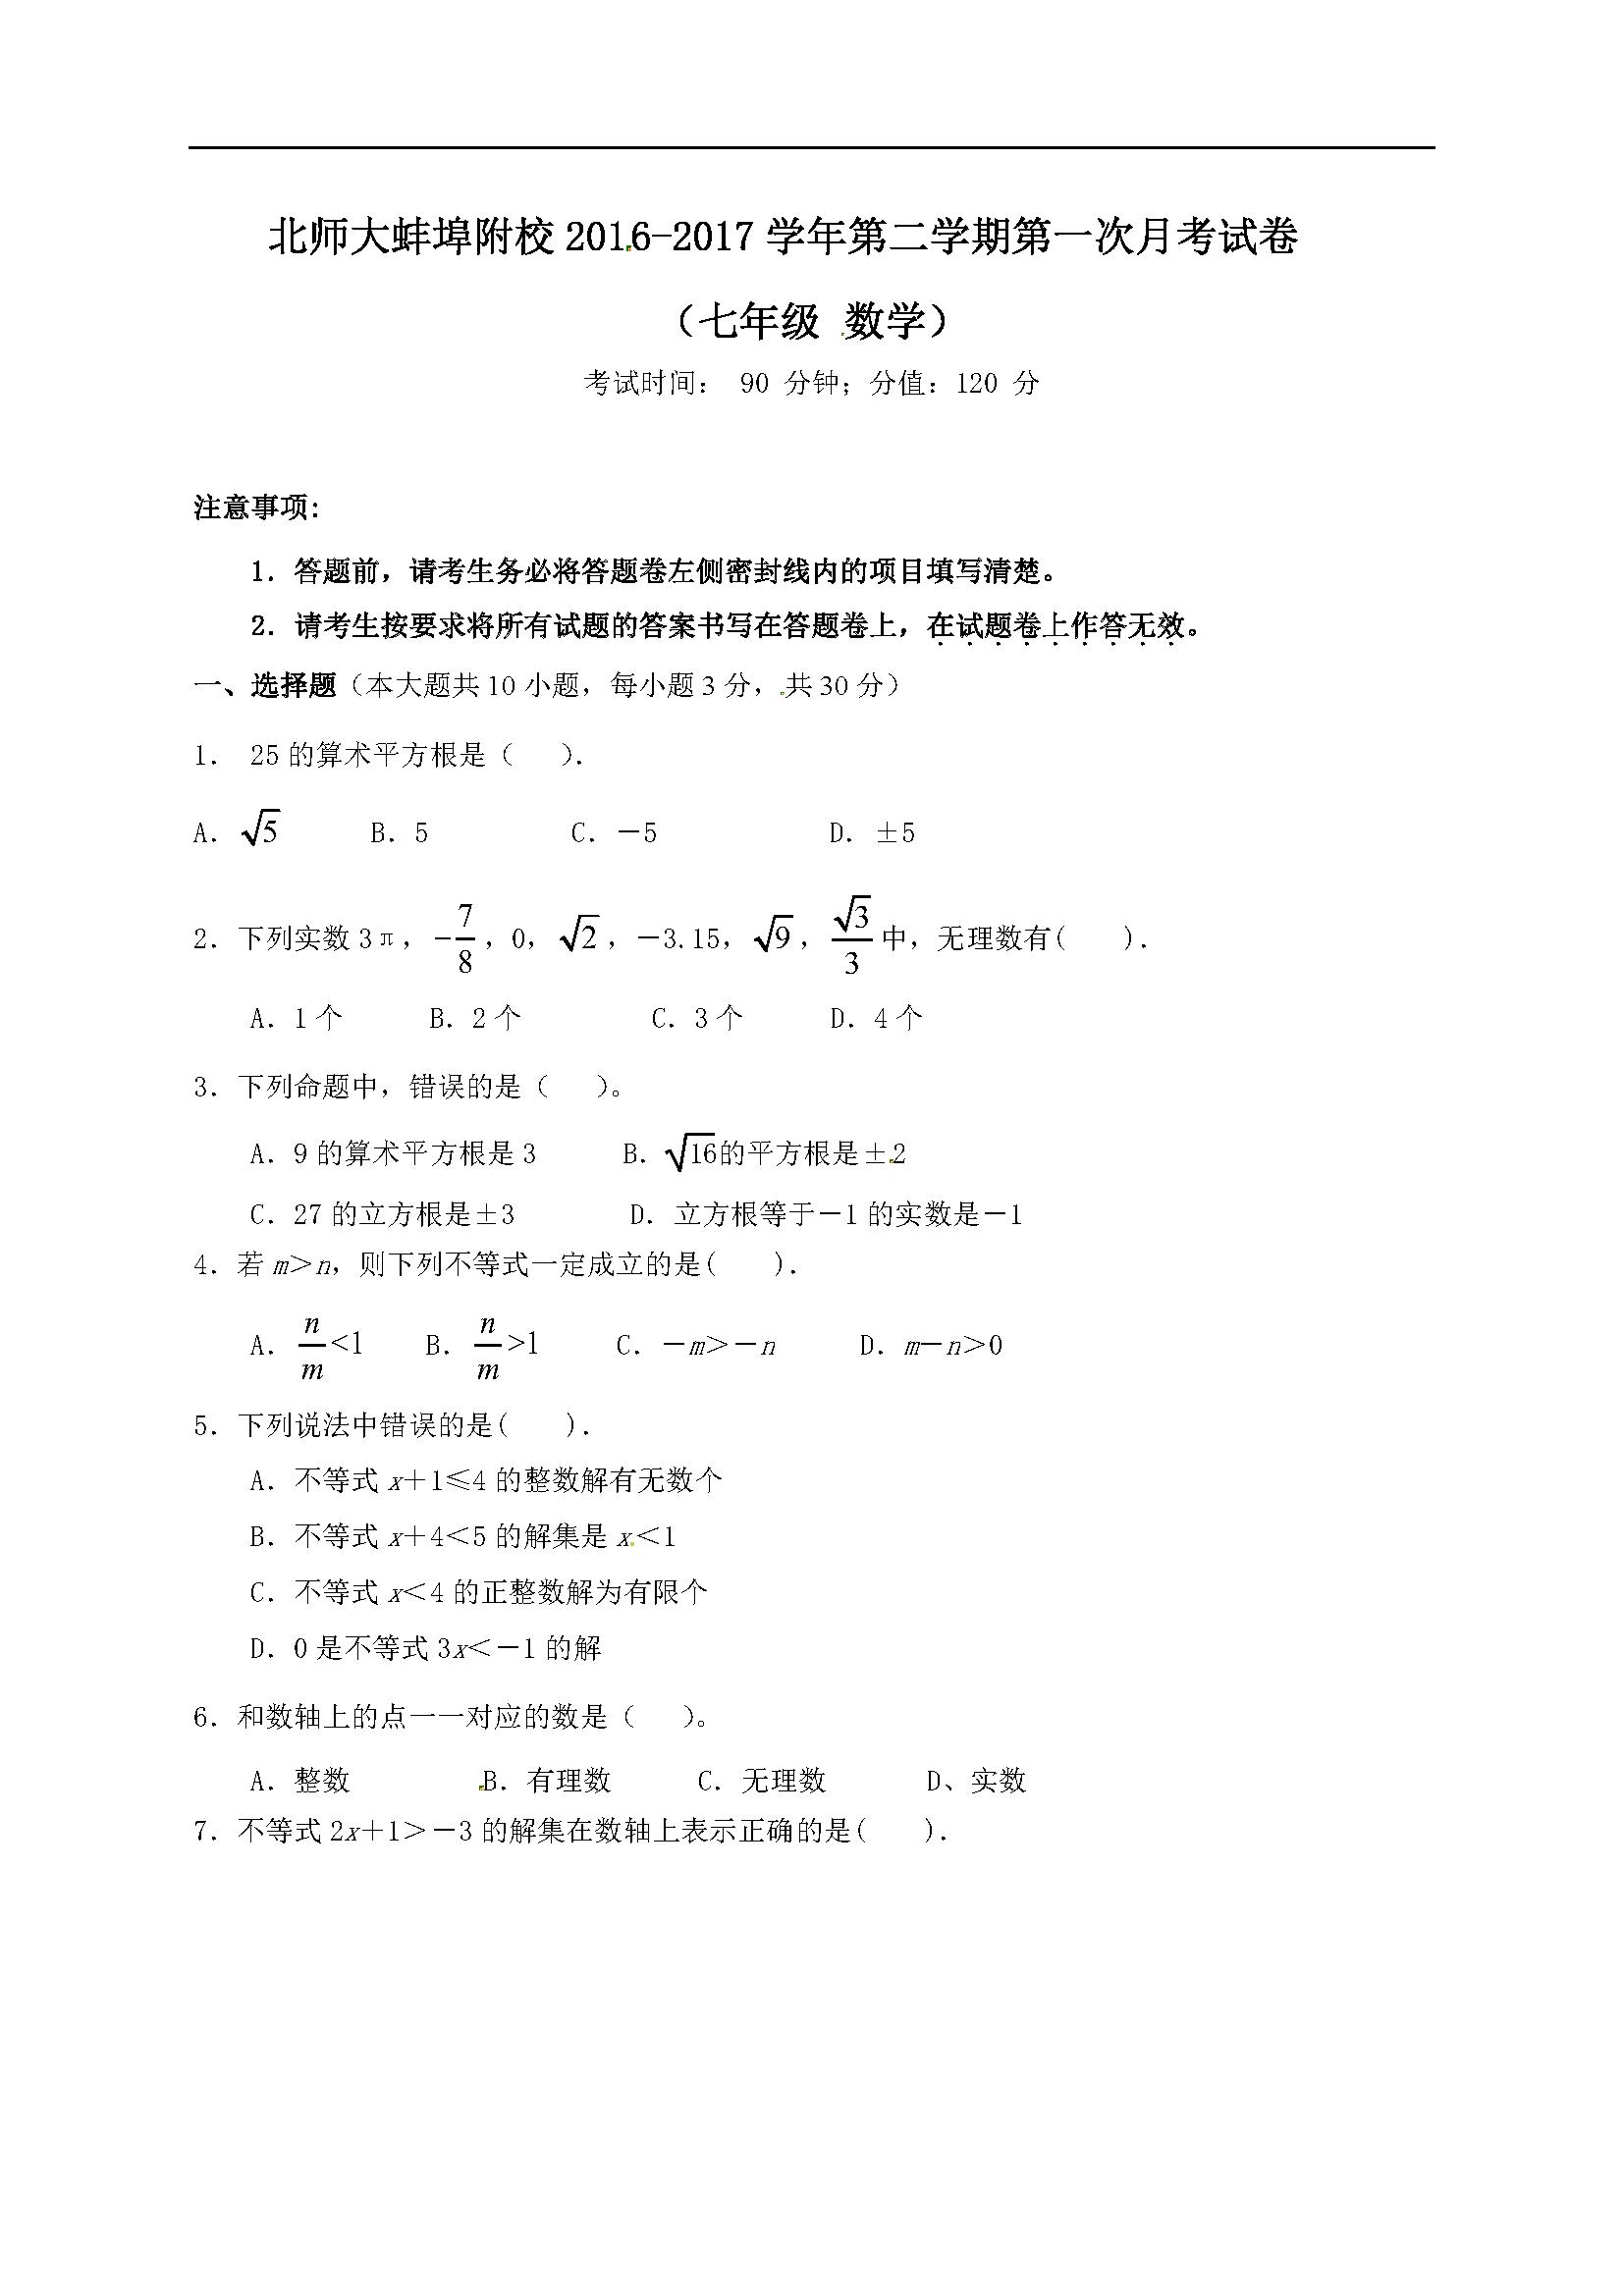 2017北京师范大学蚌埠附属学校七年级下第一次月考数学试题(Word版)